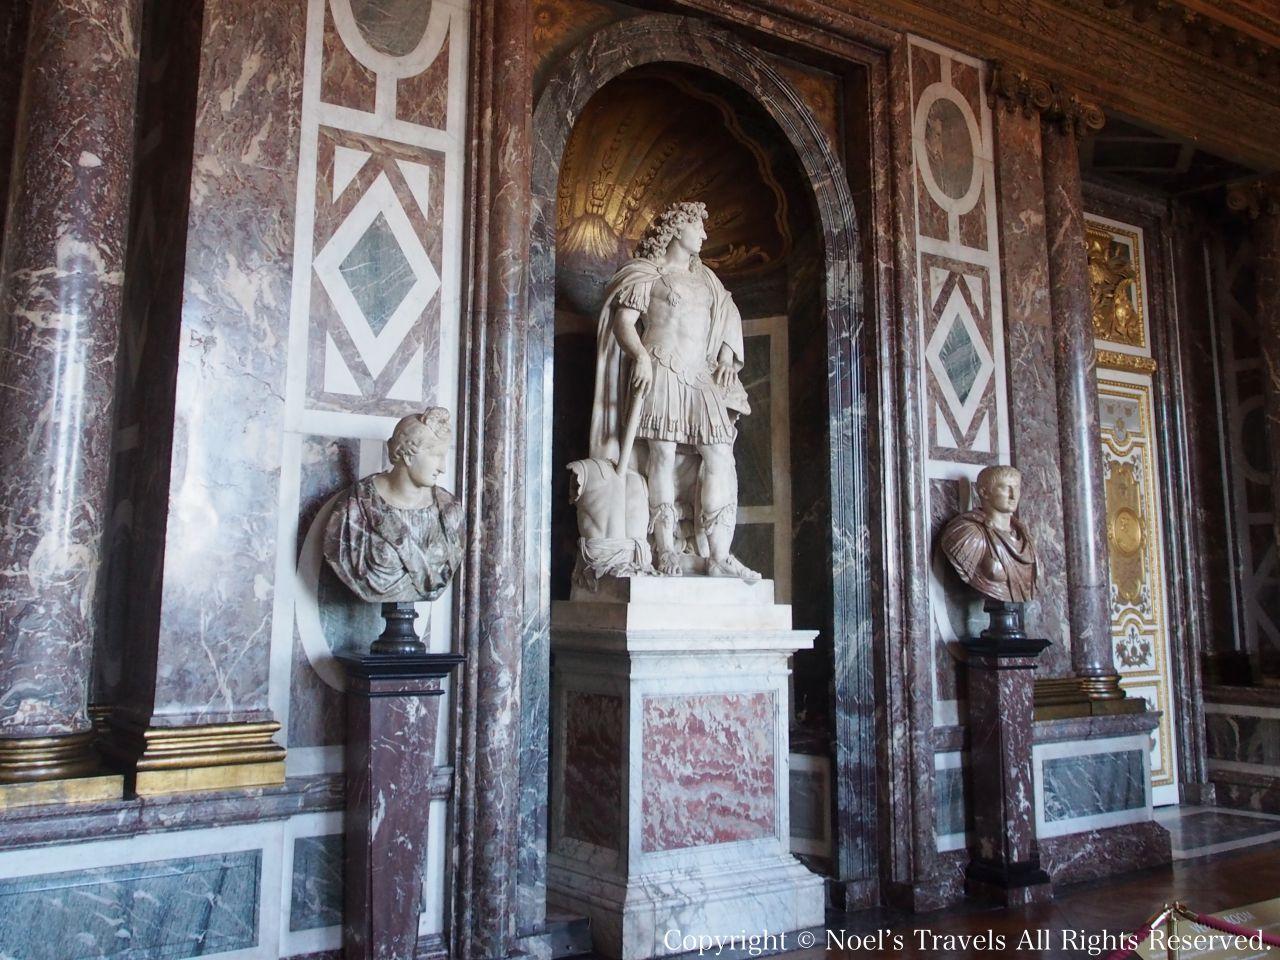 ヴェルサイユ宮殿の「ヴィーナスの間」